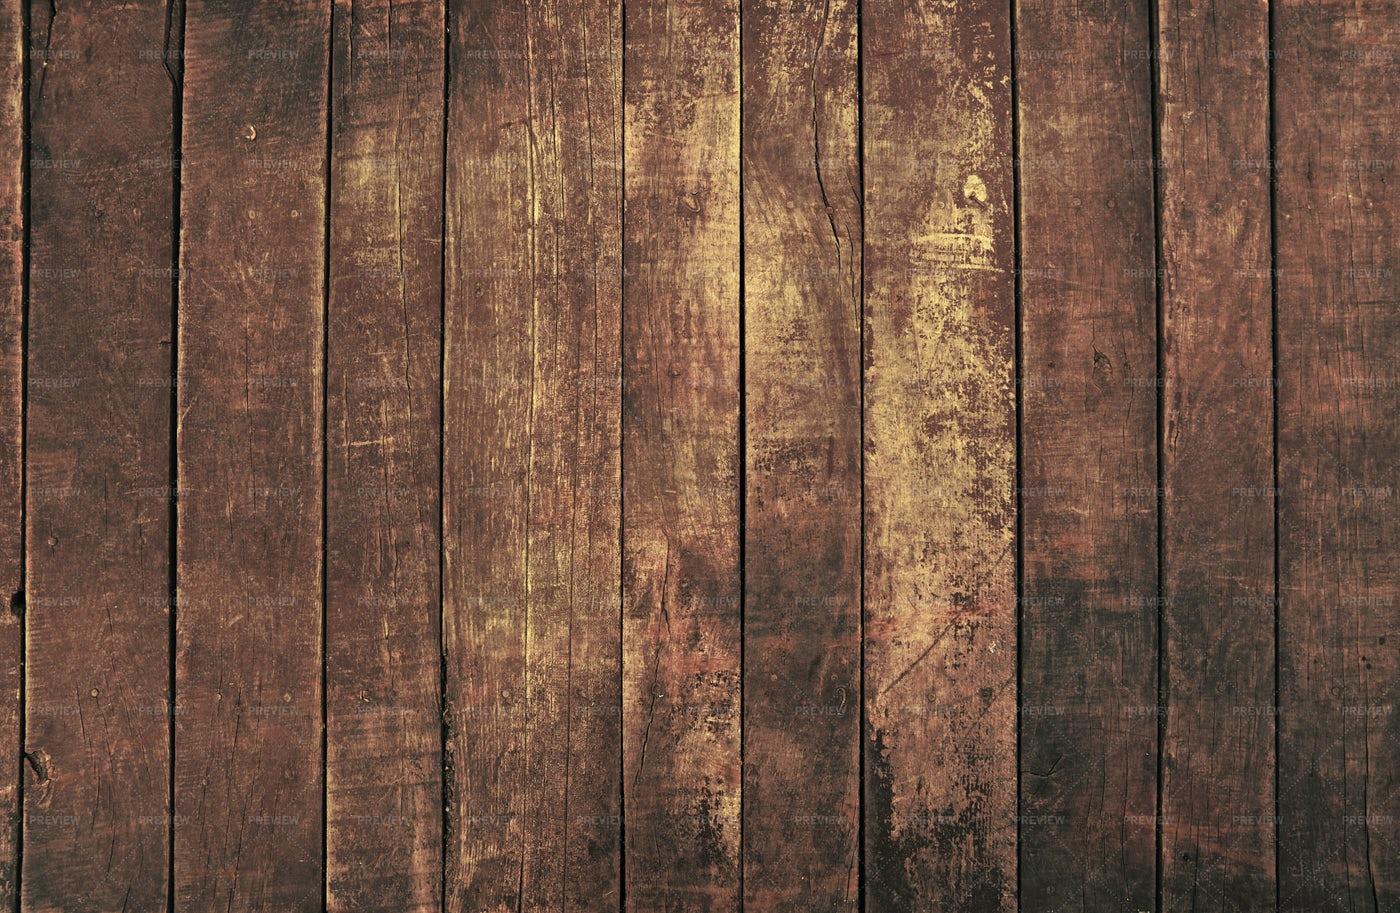 Aged Wood Floor: Stock Photos